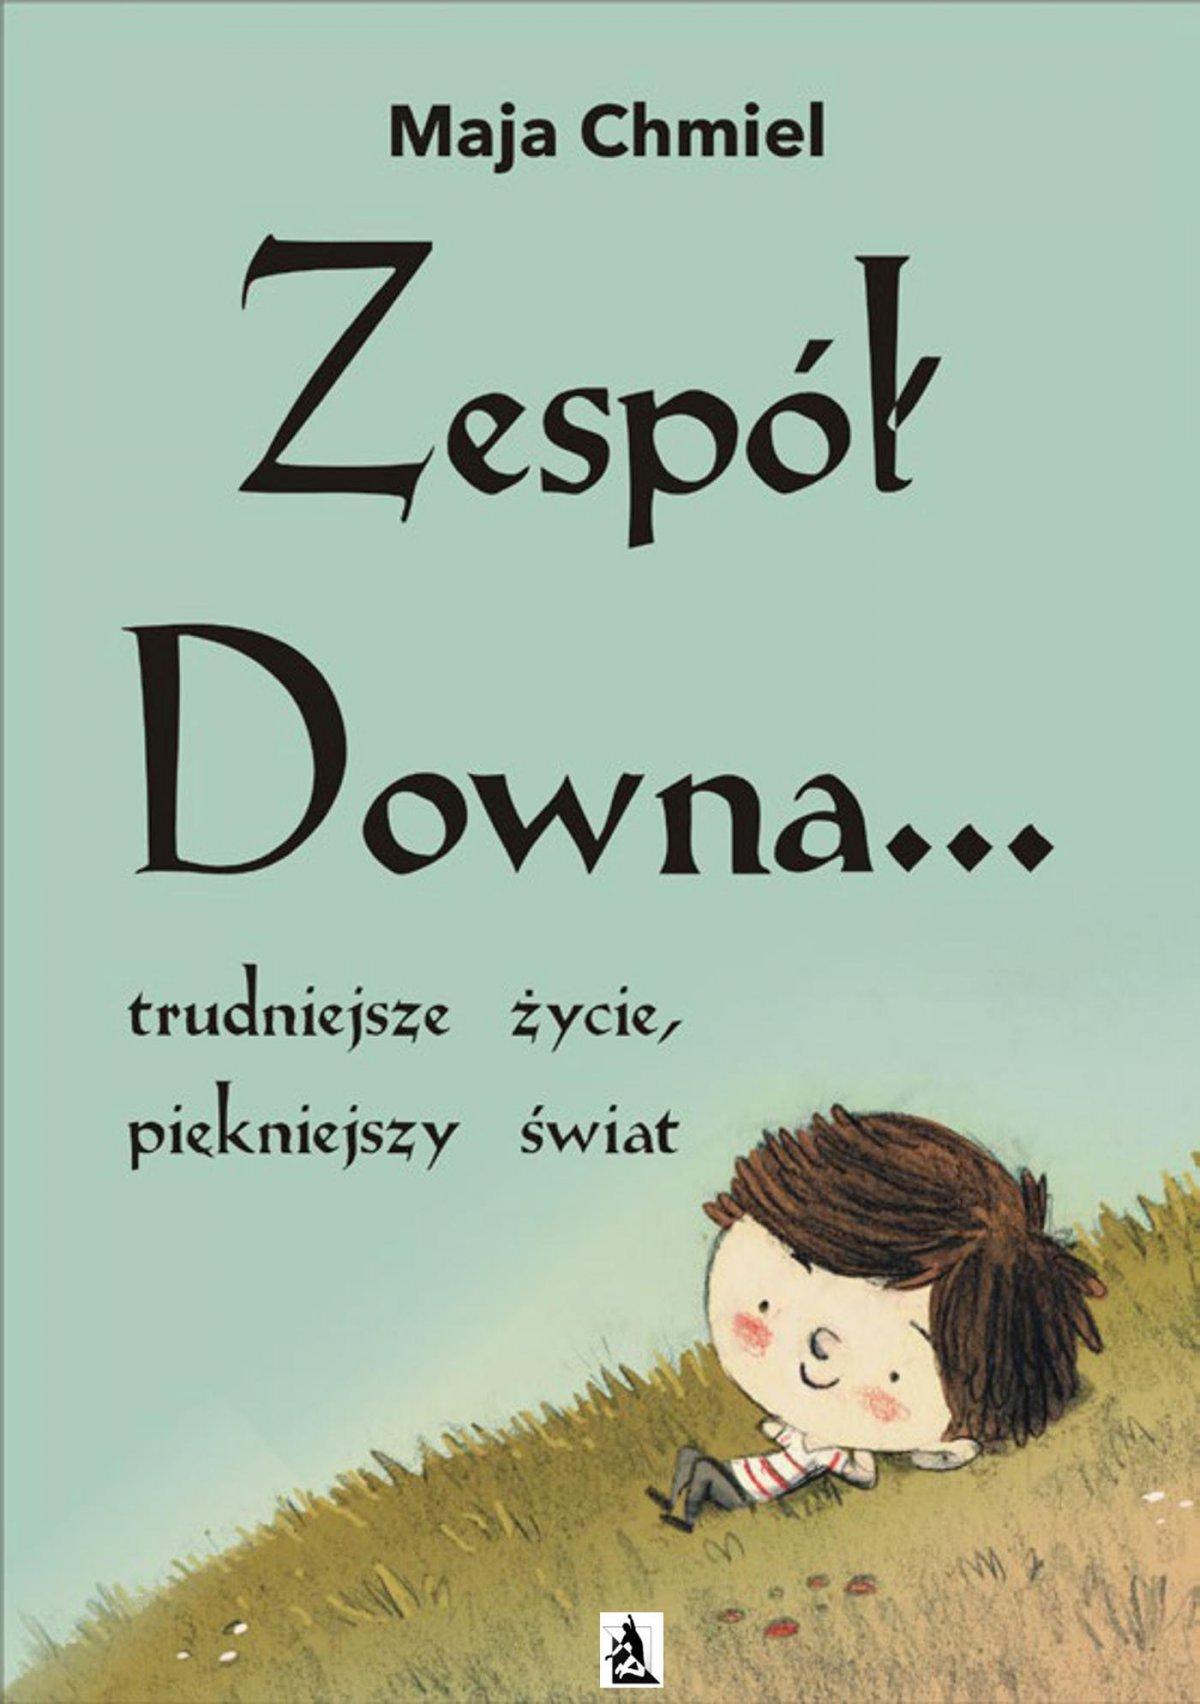 Zespół Downa… trudniejsze życie, piękniejszy świat - Ebook (Książka EPUB) do pobrania w formacie EPUB